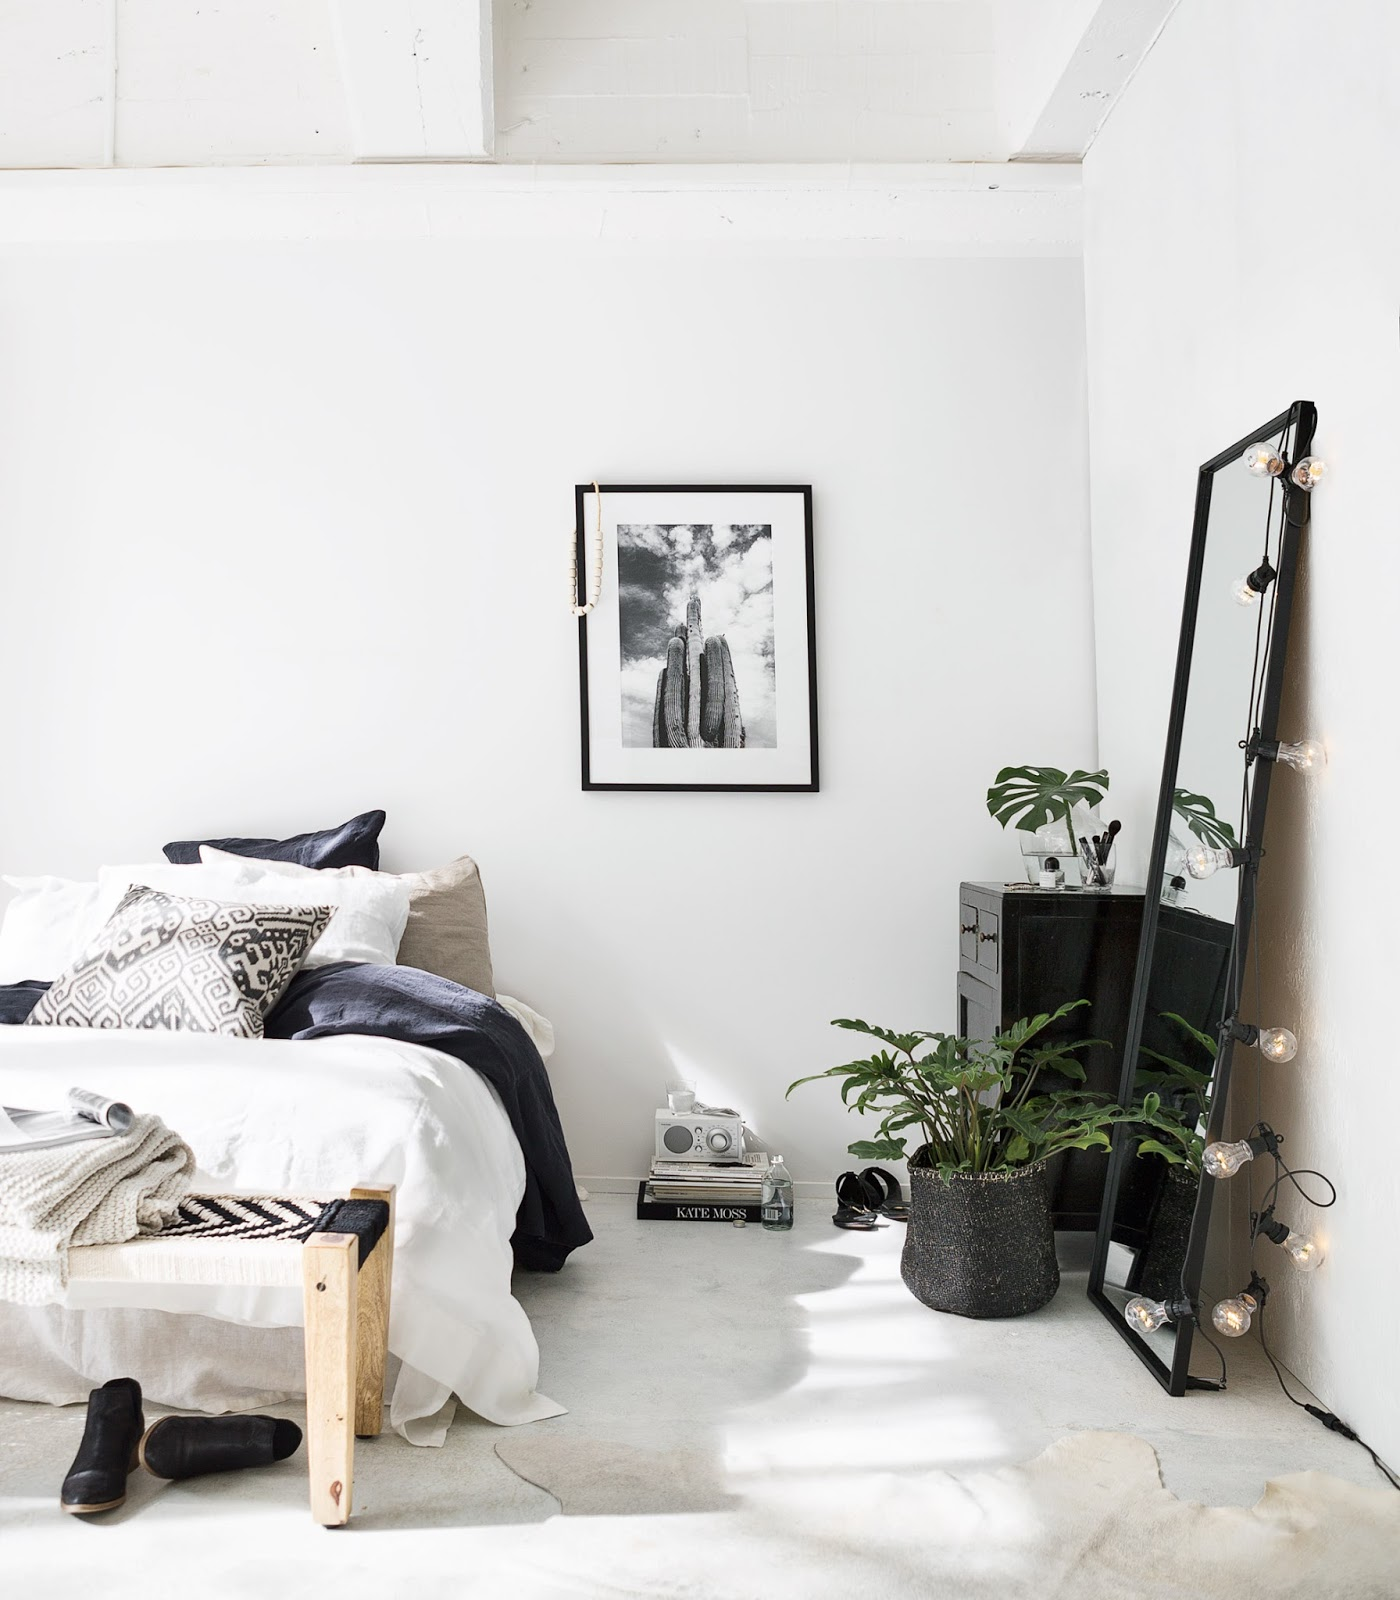 la petite fabrique de r ves ethnic style une jolie chambre blanche et noire. Black Bedroom Furniture Sets. Home Design Ideas